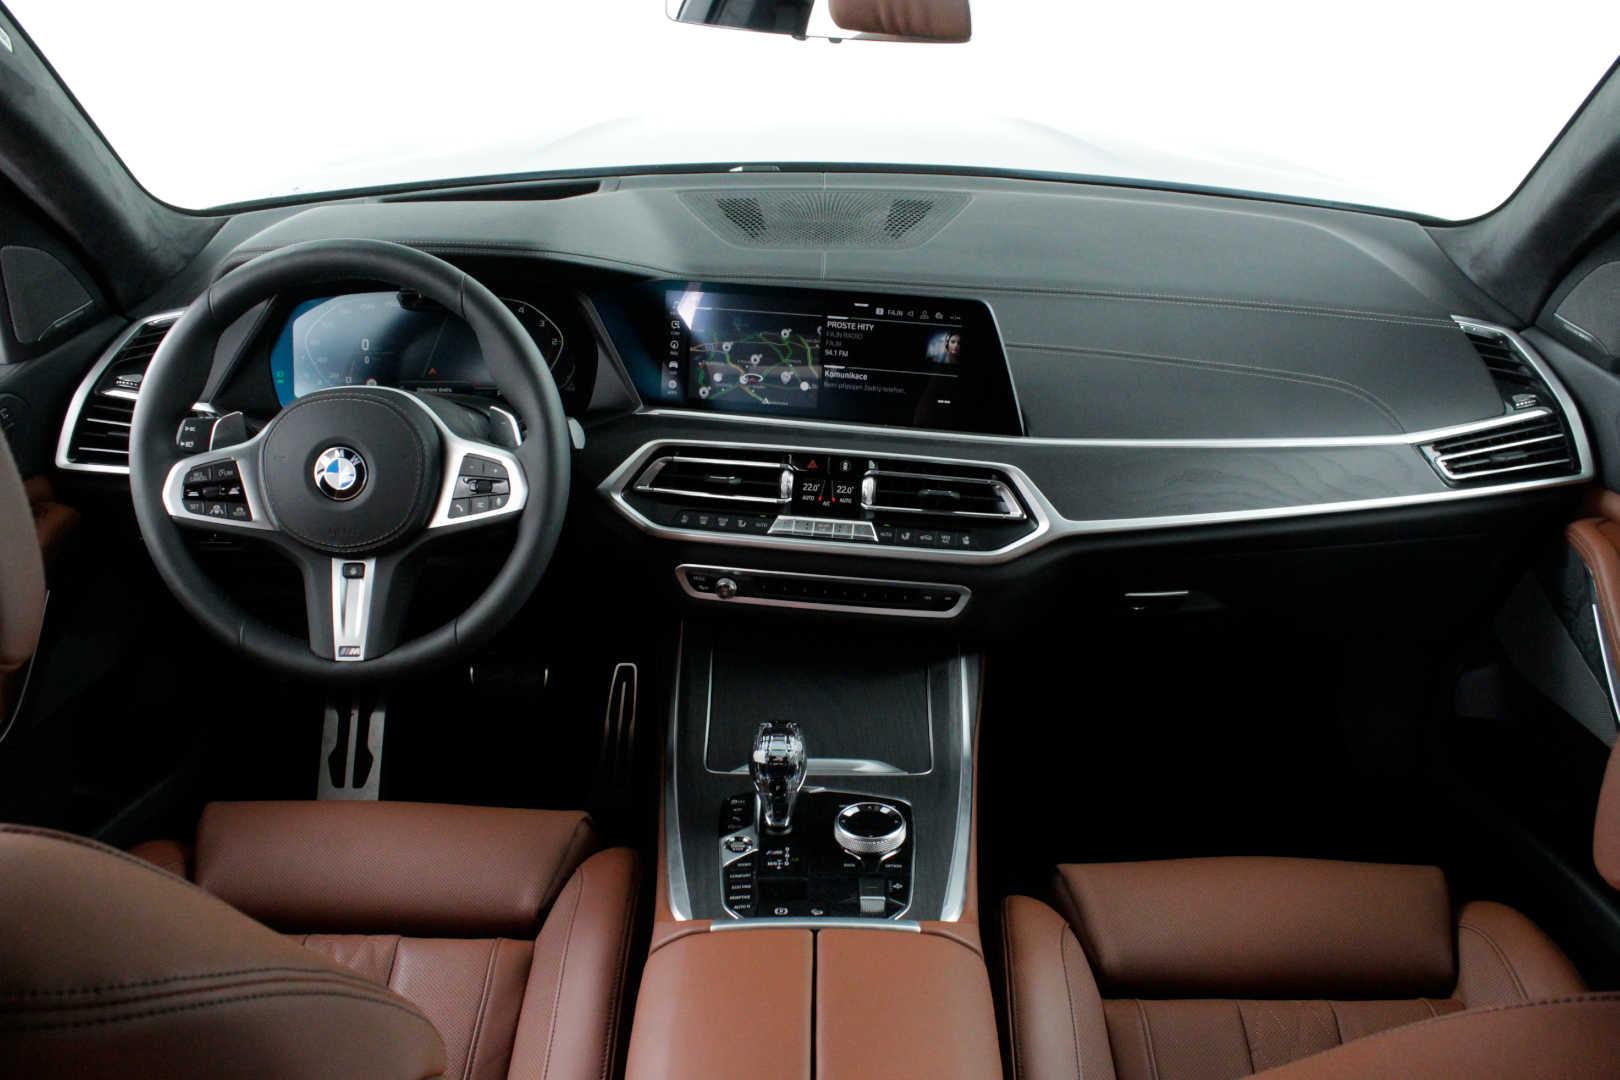 BMW X7 M50d - české předváděcí auto skladem - max výbava - super cena 2.529.000,- Kč bez DPH